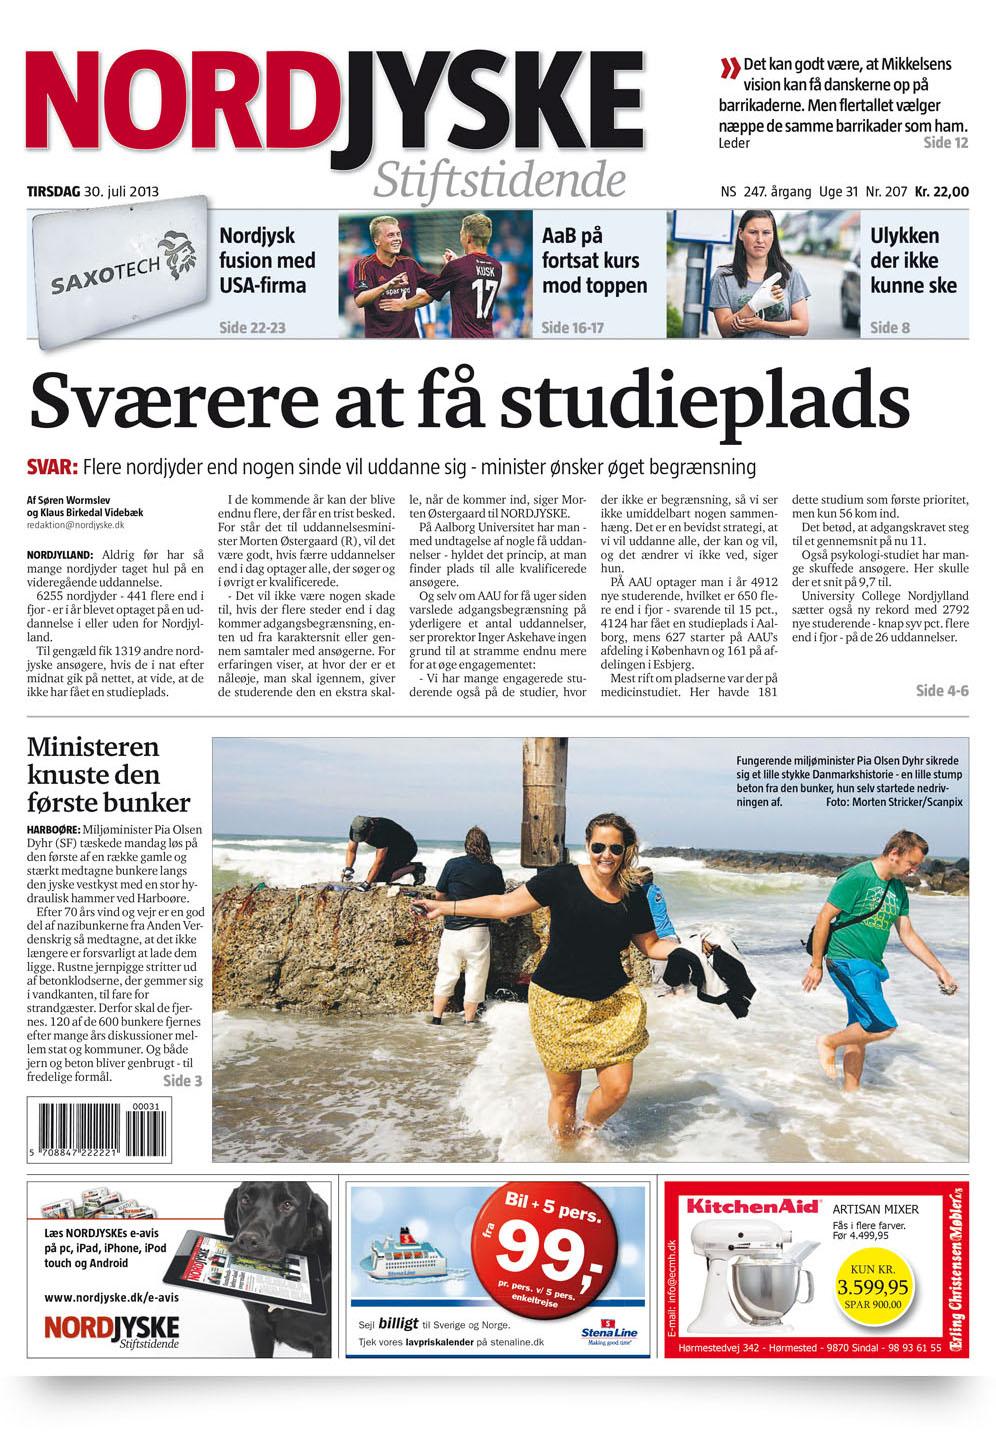 Vi var på forsiden af Nordjyske med en god omtale indeni. 30. juli, 2013